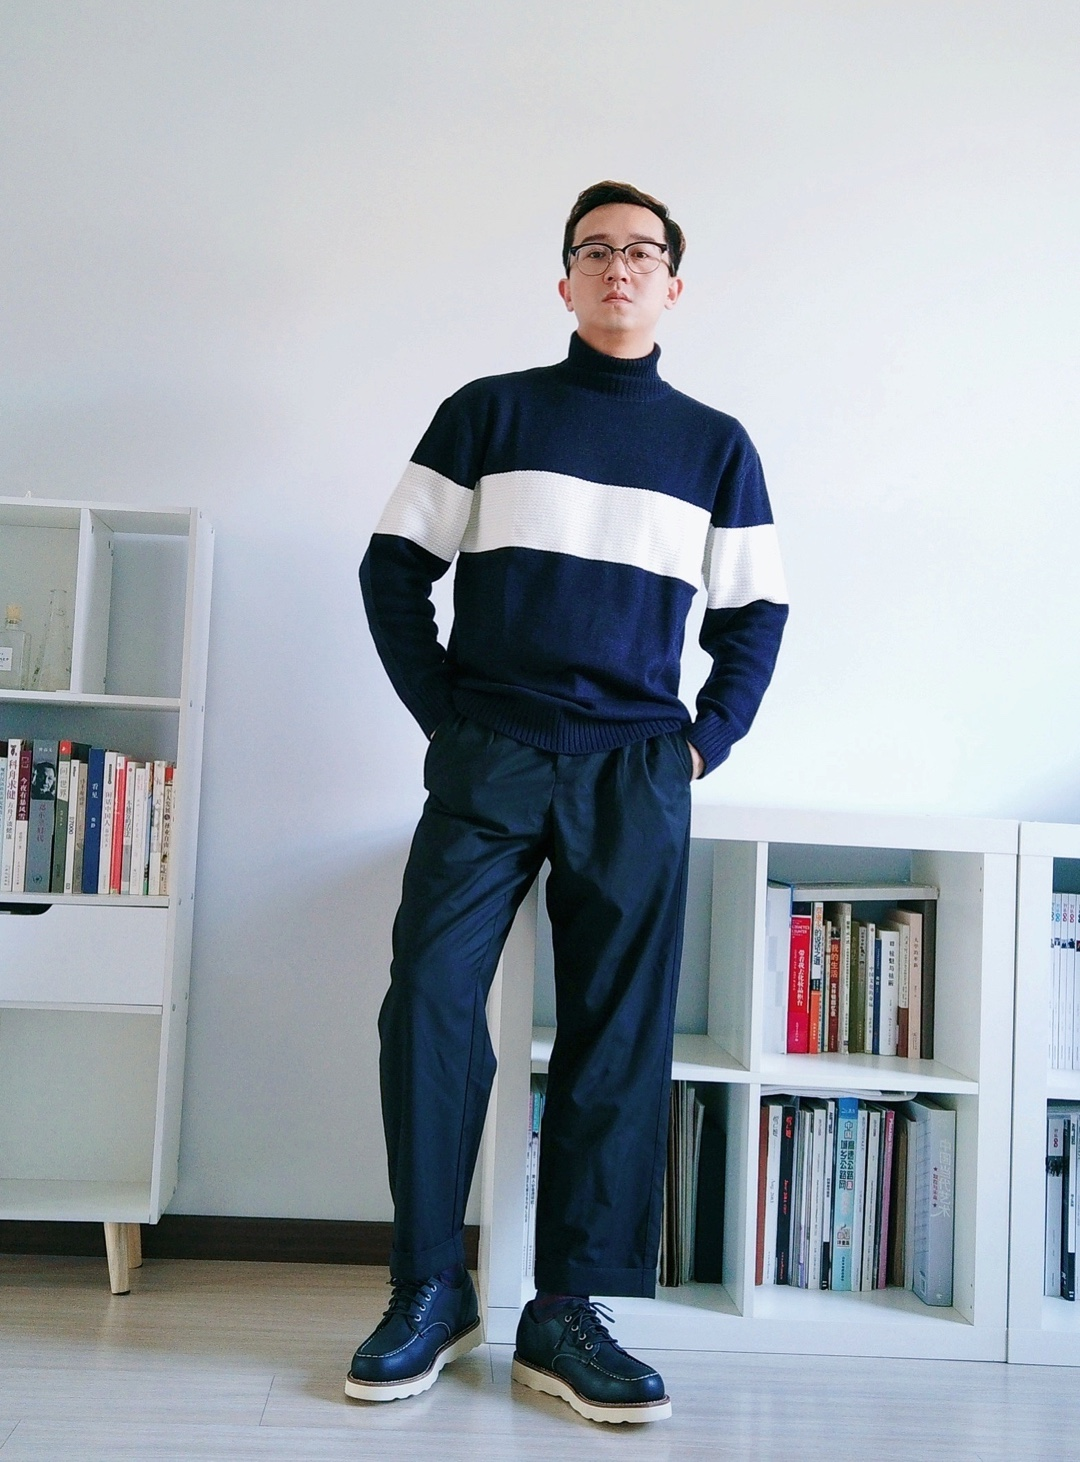 蓝色白条高领衫,优衣库GU极优的,这牌子针织和毛衫穿上都很好看,高领衫特别适合搭大衣。 优衣库和极优两牌子区别,GU的更年轻活泼,有很多条纹、织花、oversize的设计;优衣库的打底衫更正式一些,适合上班穿。#冬日必备#